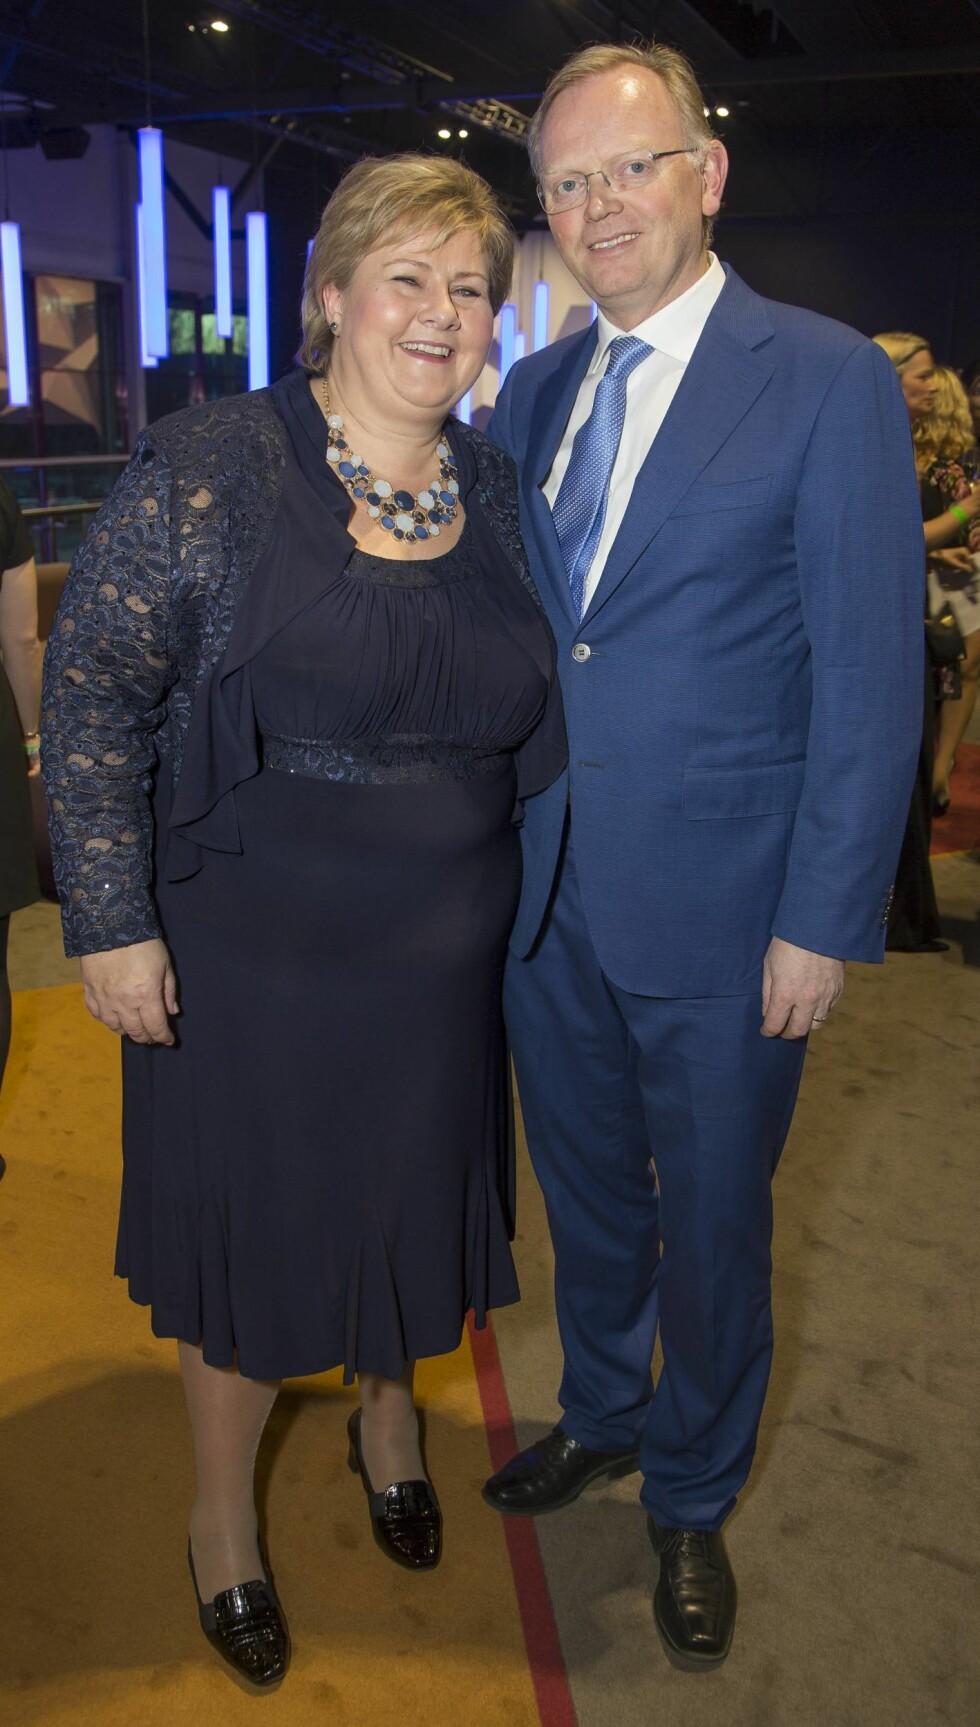 GODT GIFT: Erna Solberg og Sindre Finnes feirer 20 år som ektepar i år. Her er de sammen på Høyres landsmøtemiddag i april 2016. Foto: Tore Skaar/ Se og Hør